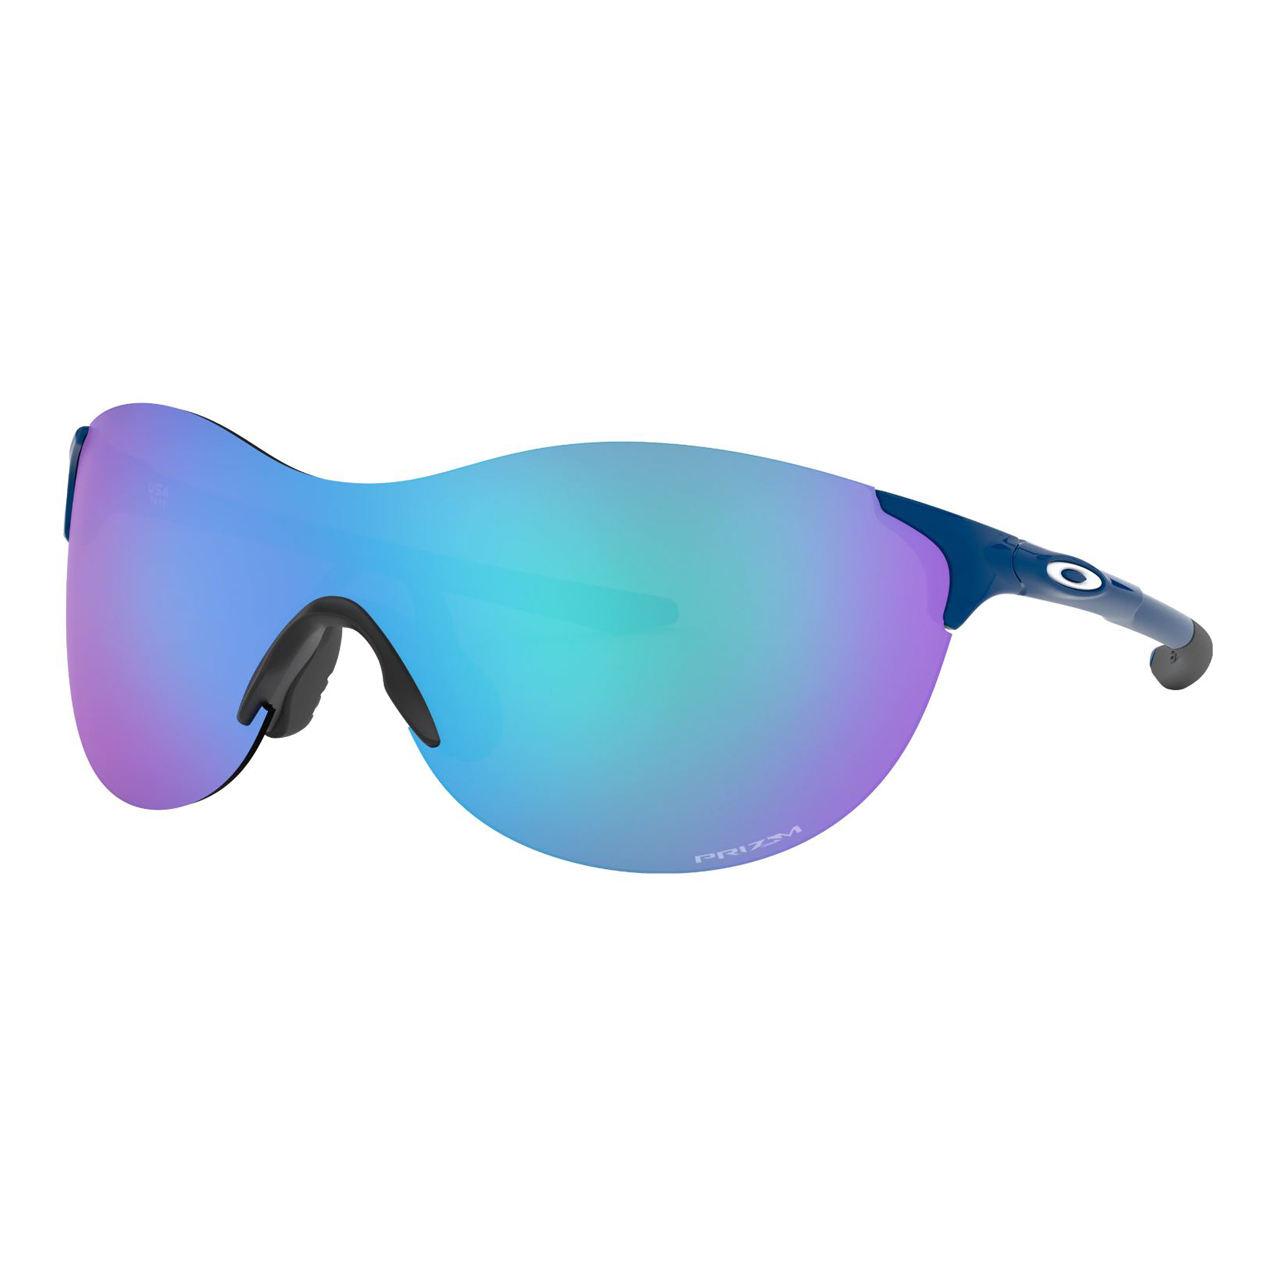 عینک آفتابی اوکلی مدل EVZero Ascend Poseidon کد OO9453-0437 -  - 3